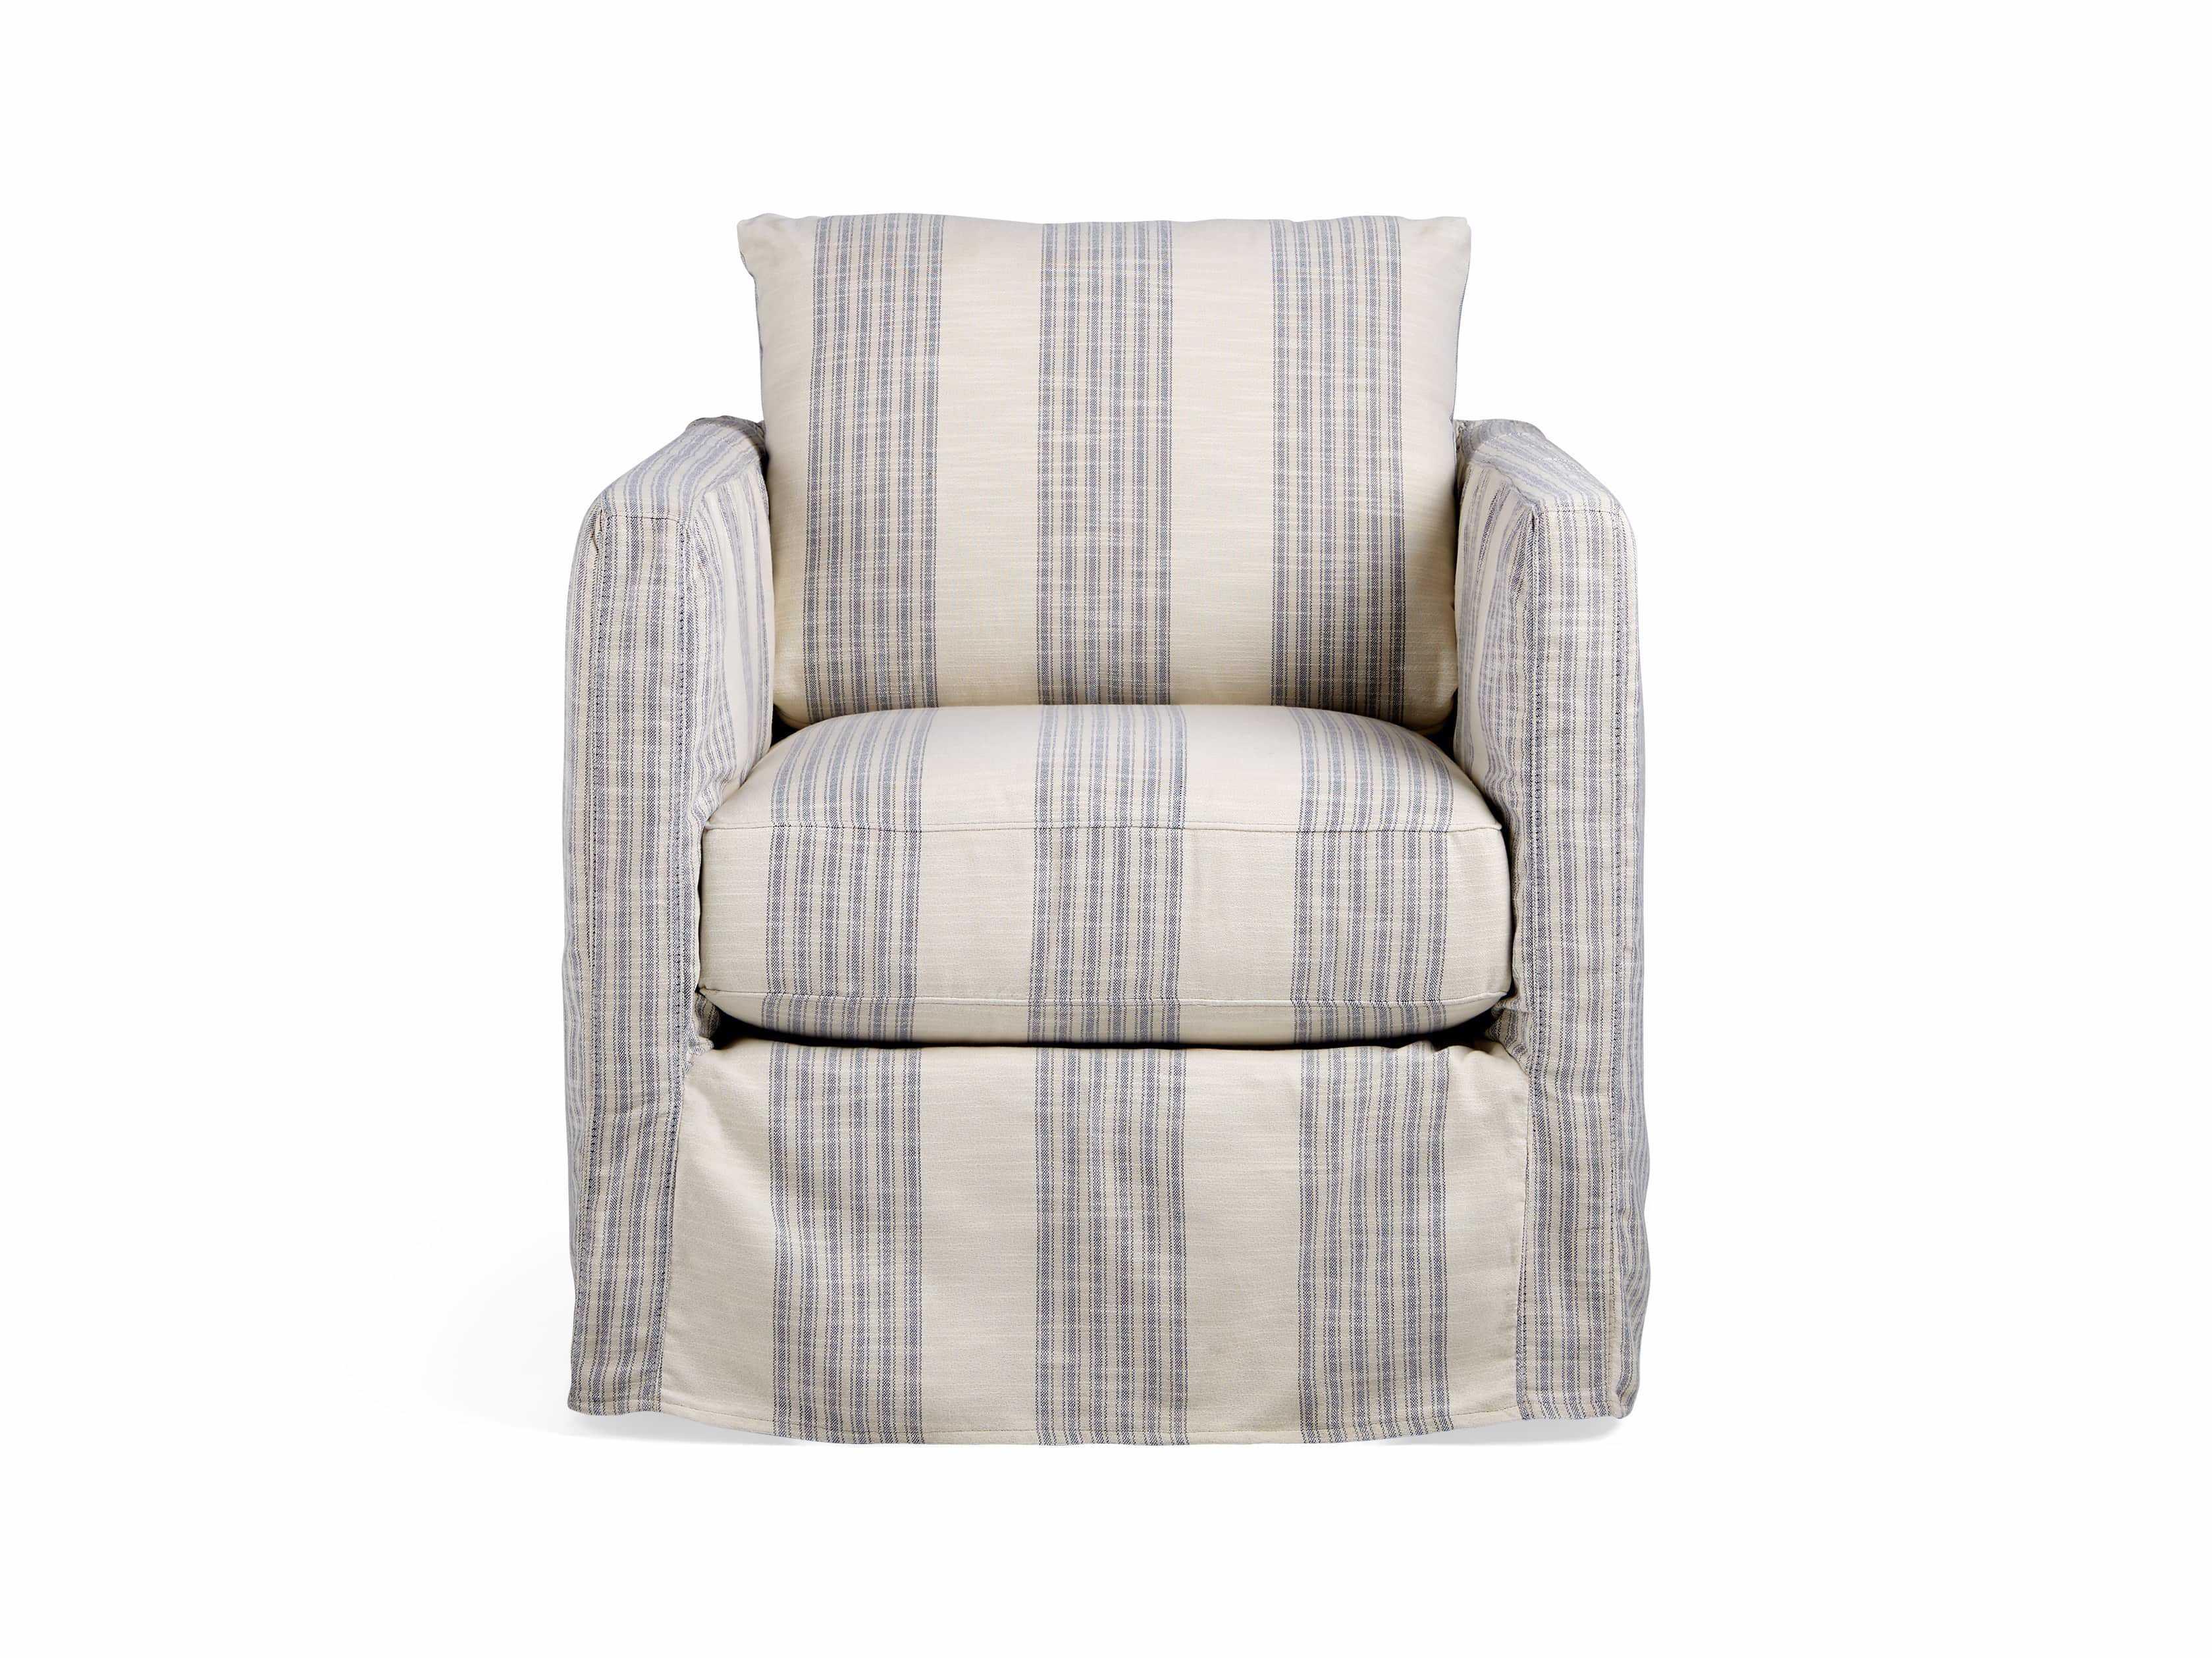 Spinnaker Outdoor Slipcovered Swivel Chair